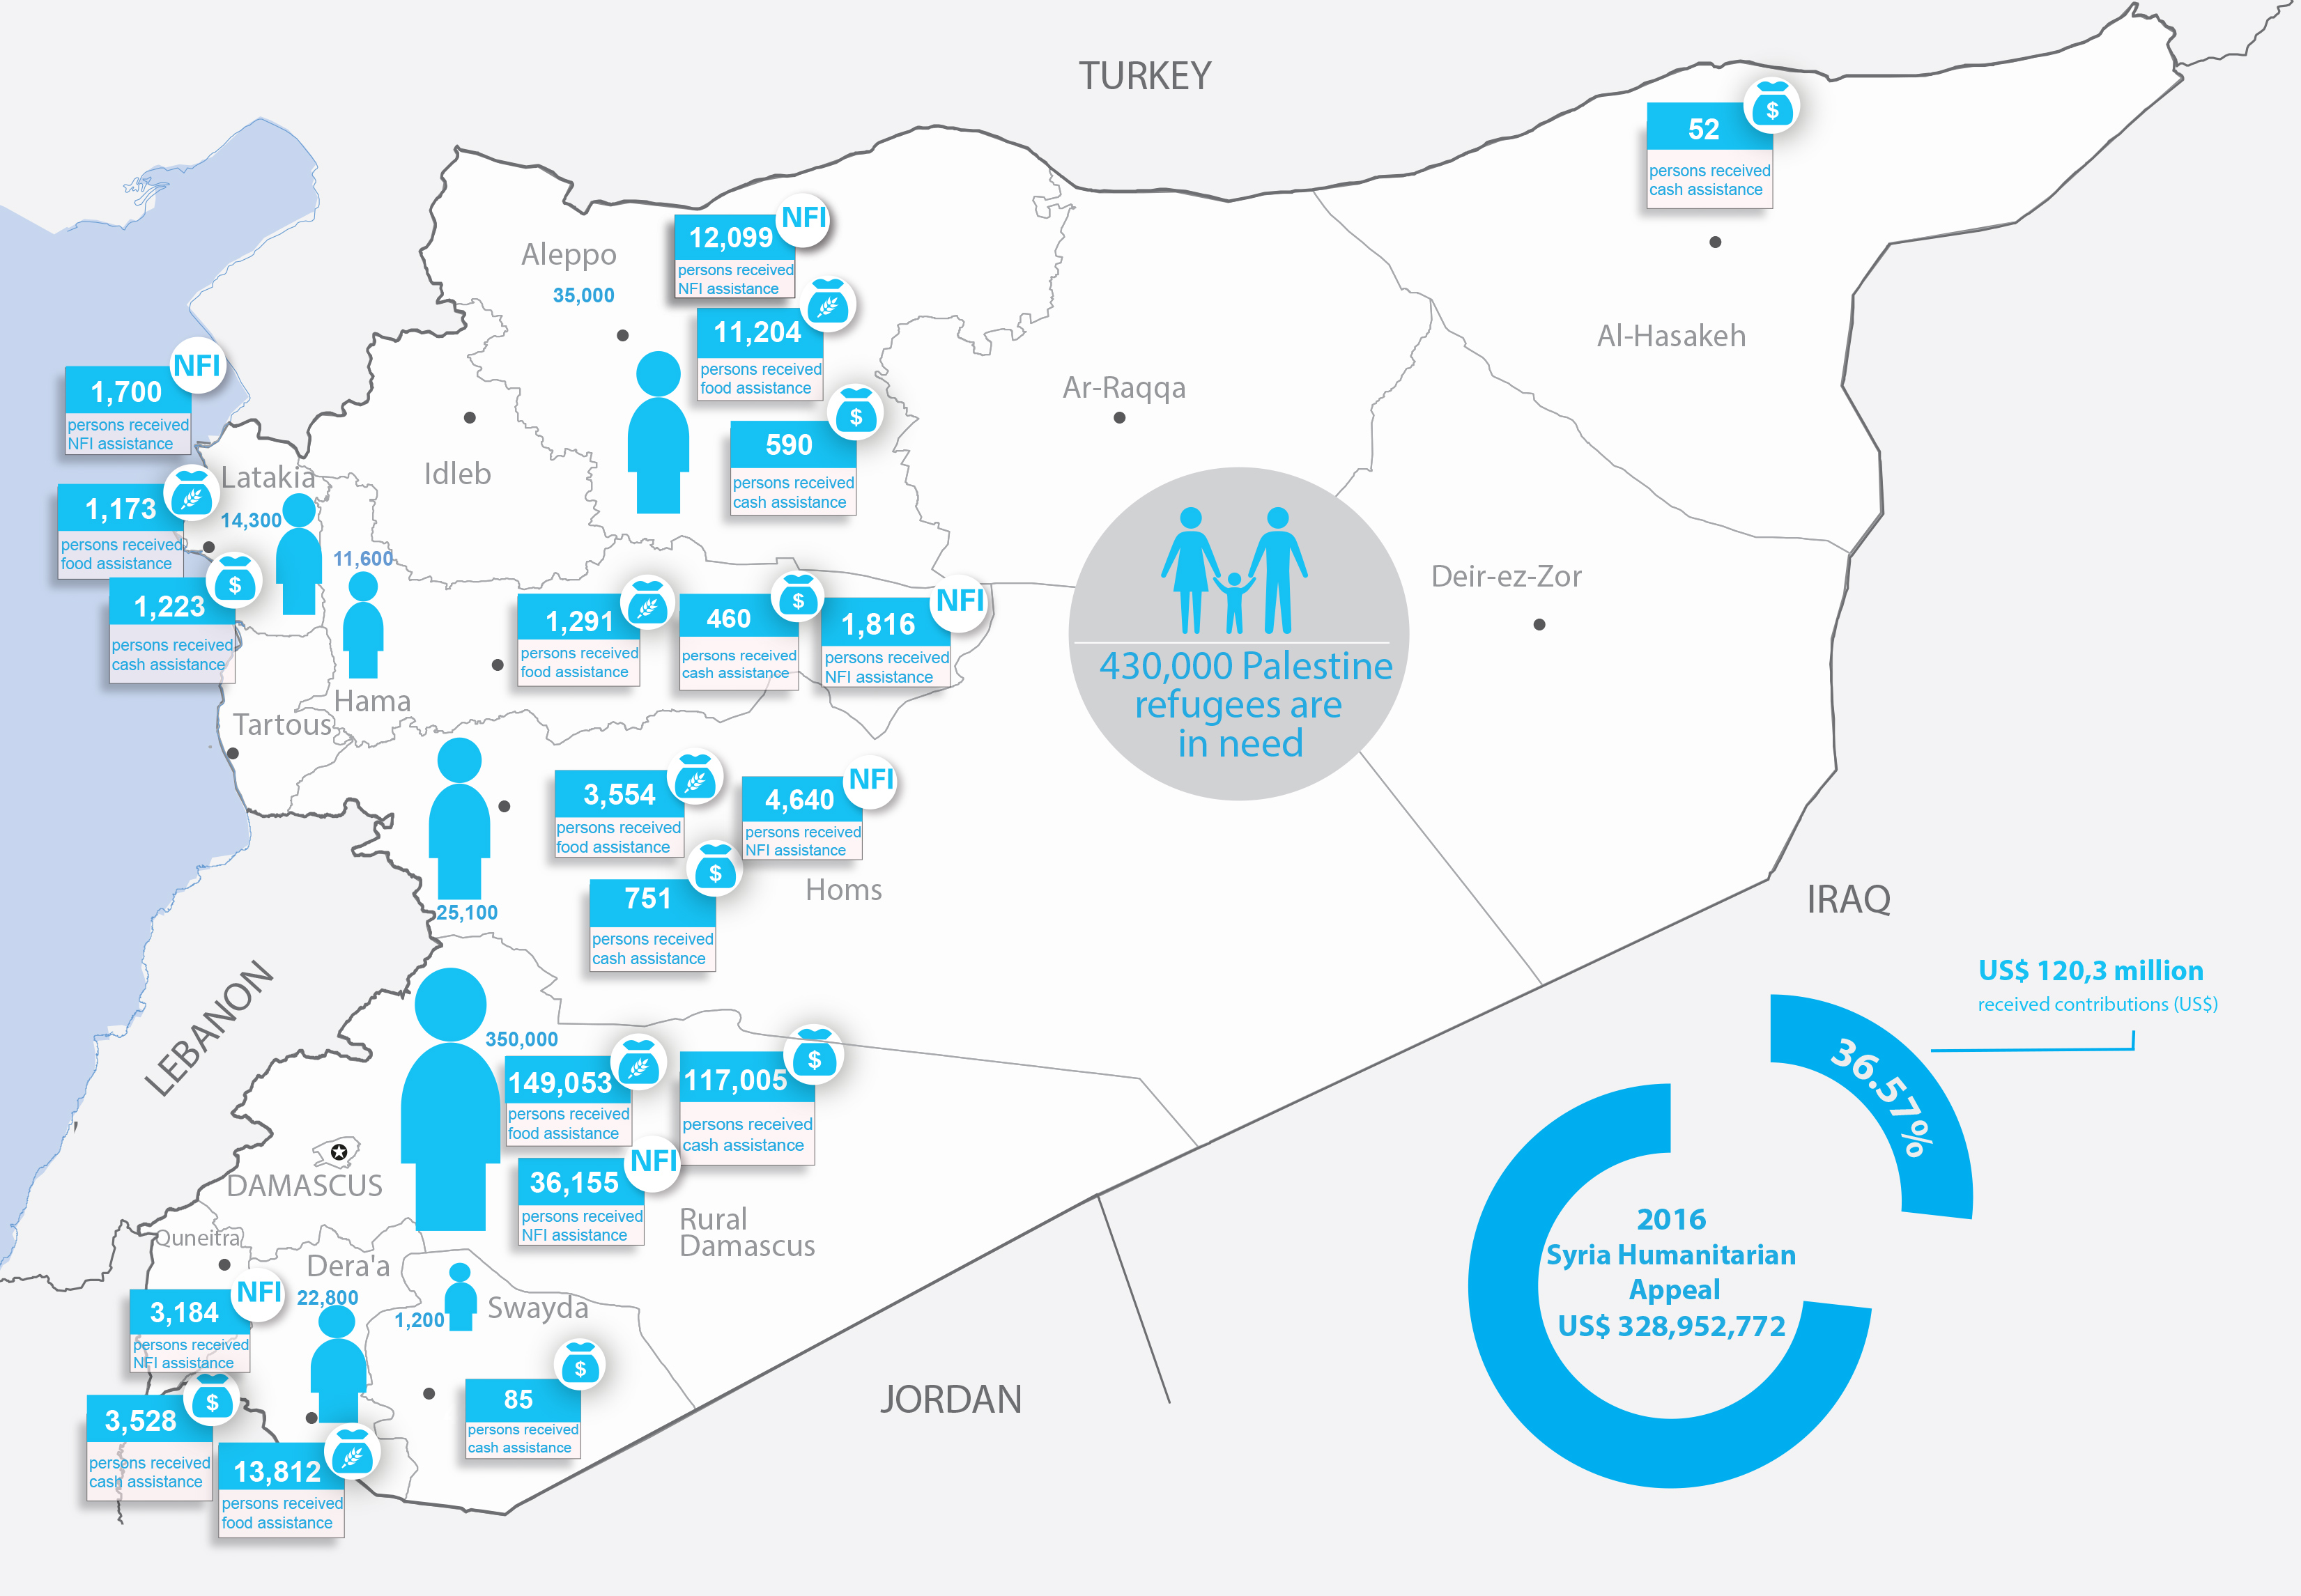 Syria Palestine refugees humanitarian snapshot, October 2016